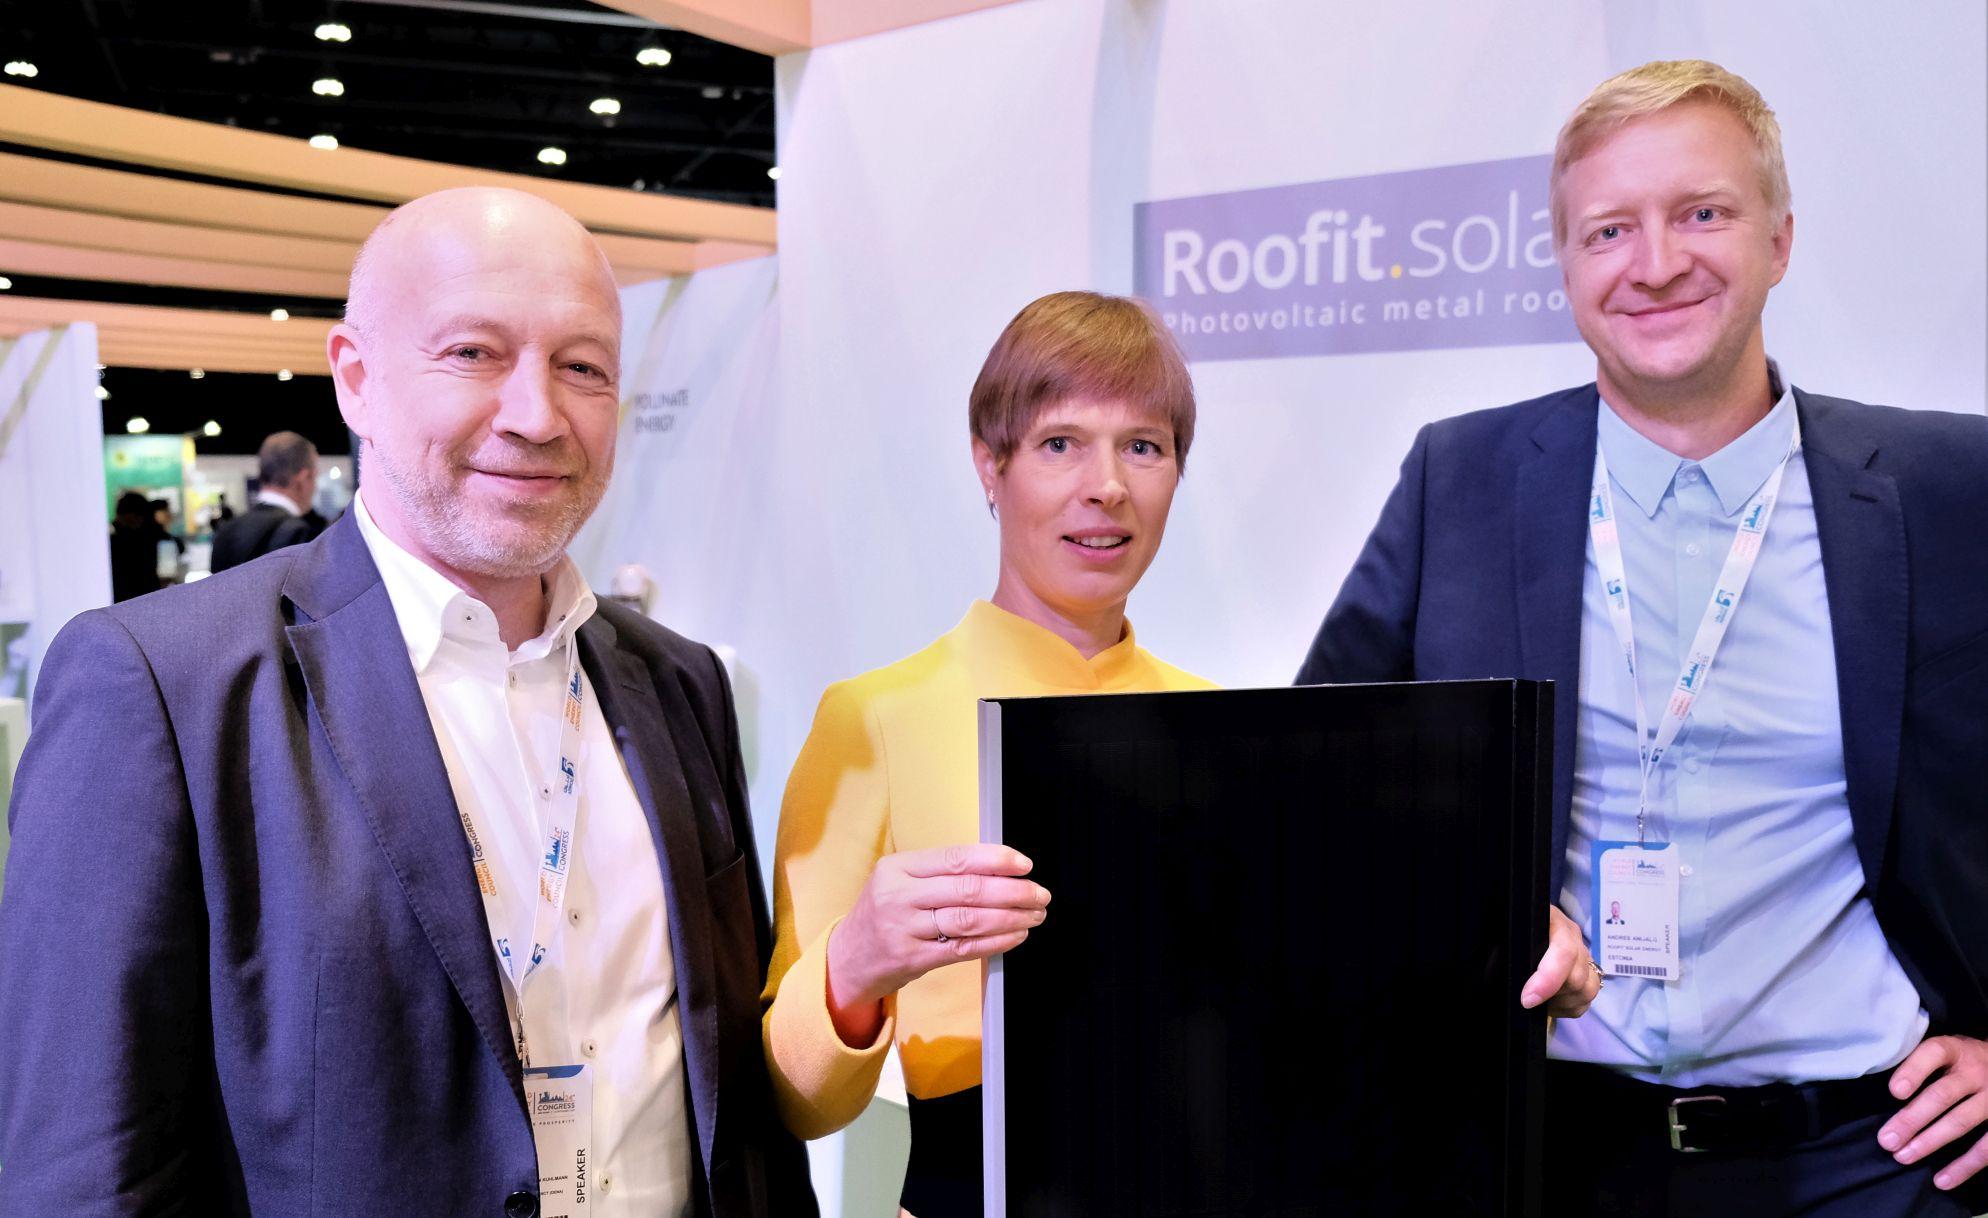 Roofit.solar pääses 100 maailma parima energeetika start-up´i hulka